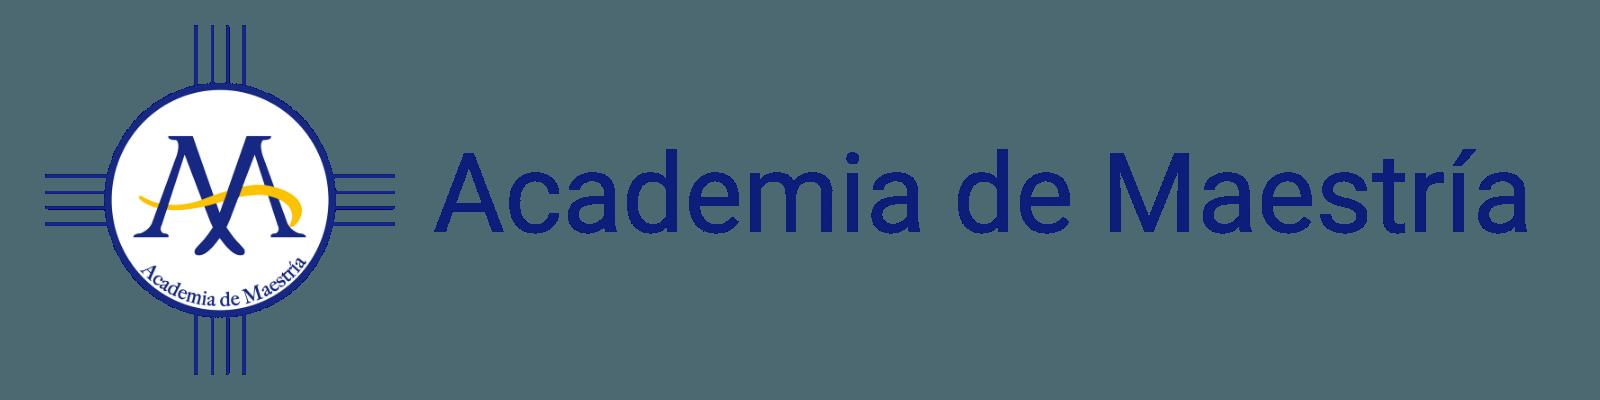 Academia de Maestría